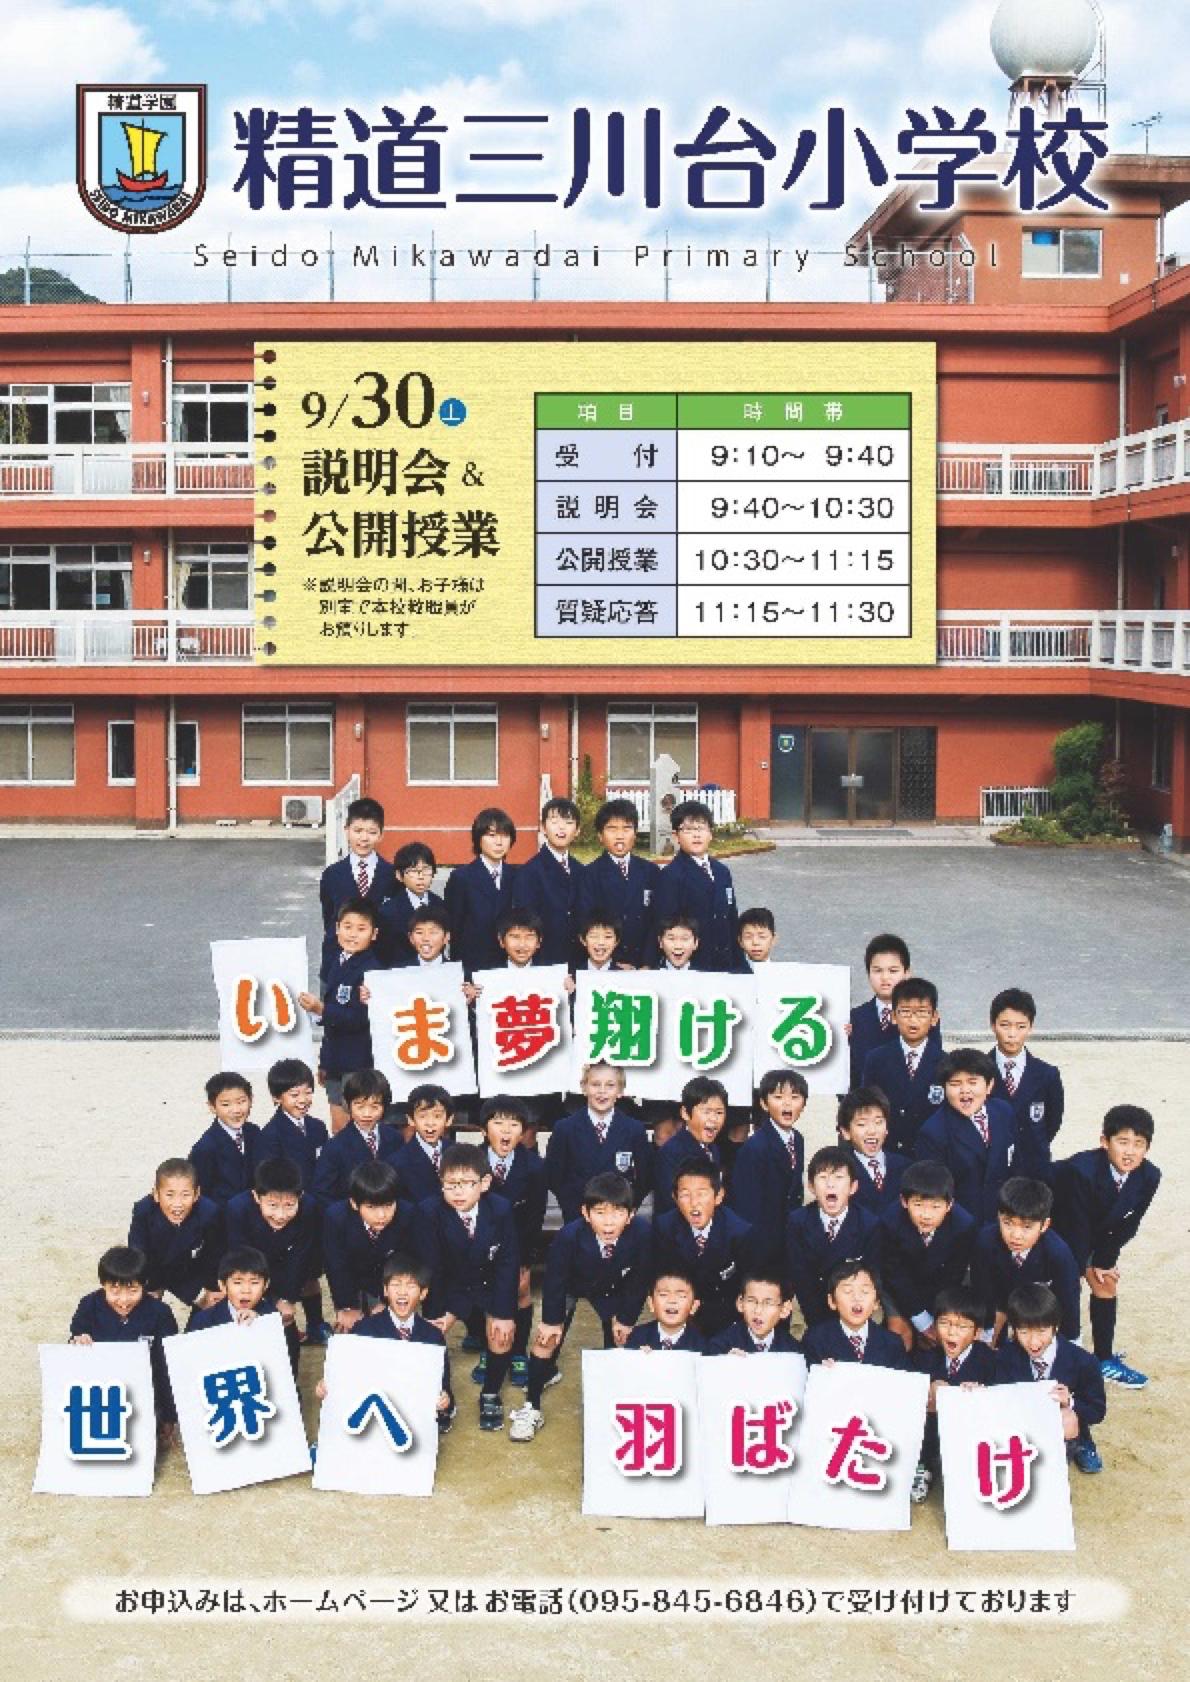 説明会&公開授業9/30(土)9:40〜11:30